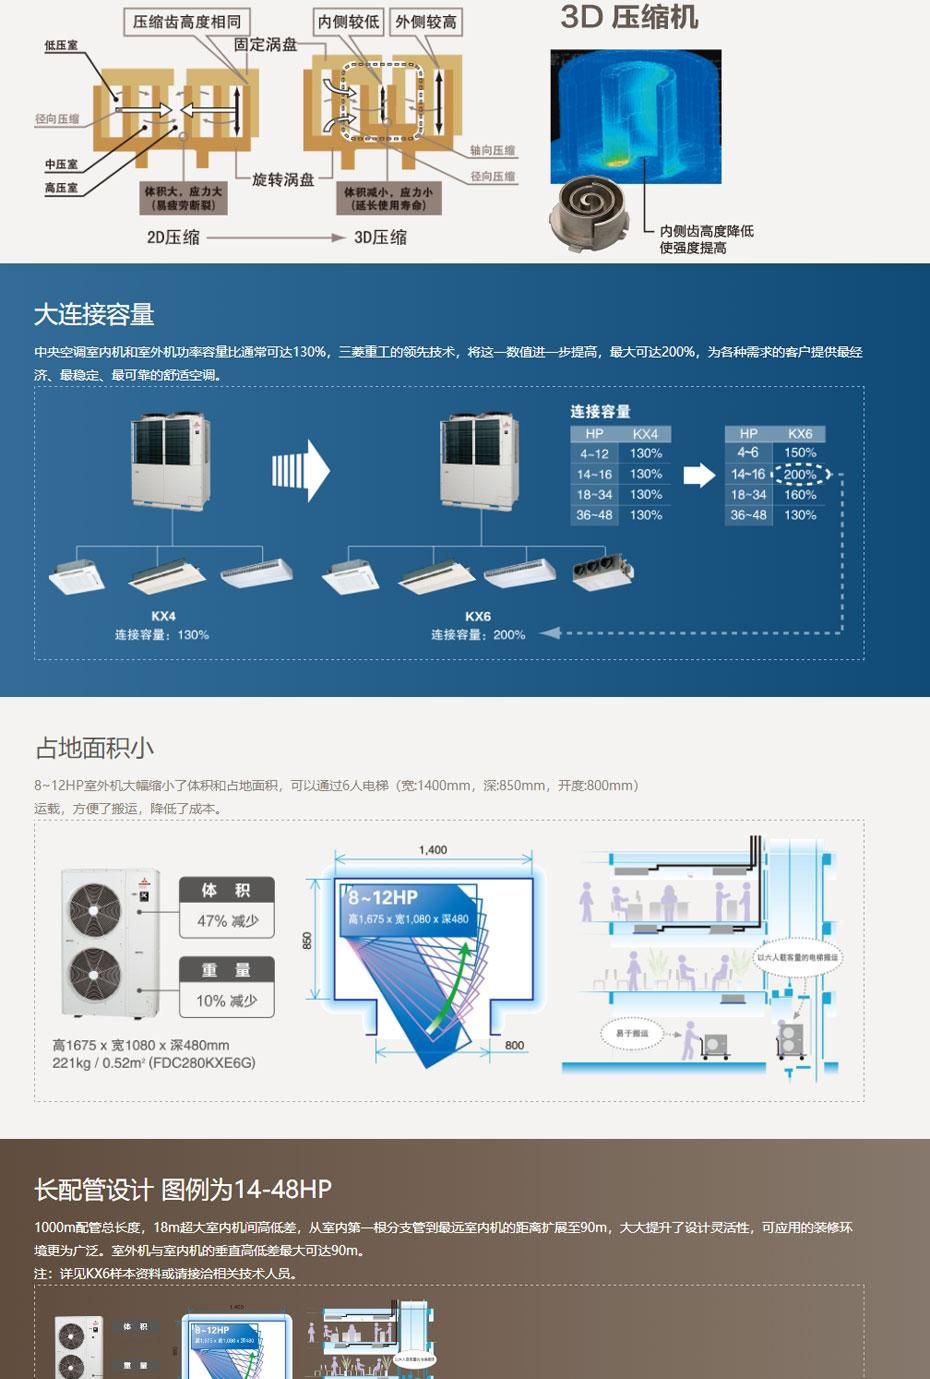 无锡三菱重工中央空调KX6系列_02